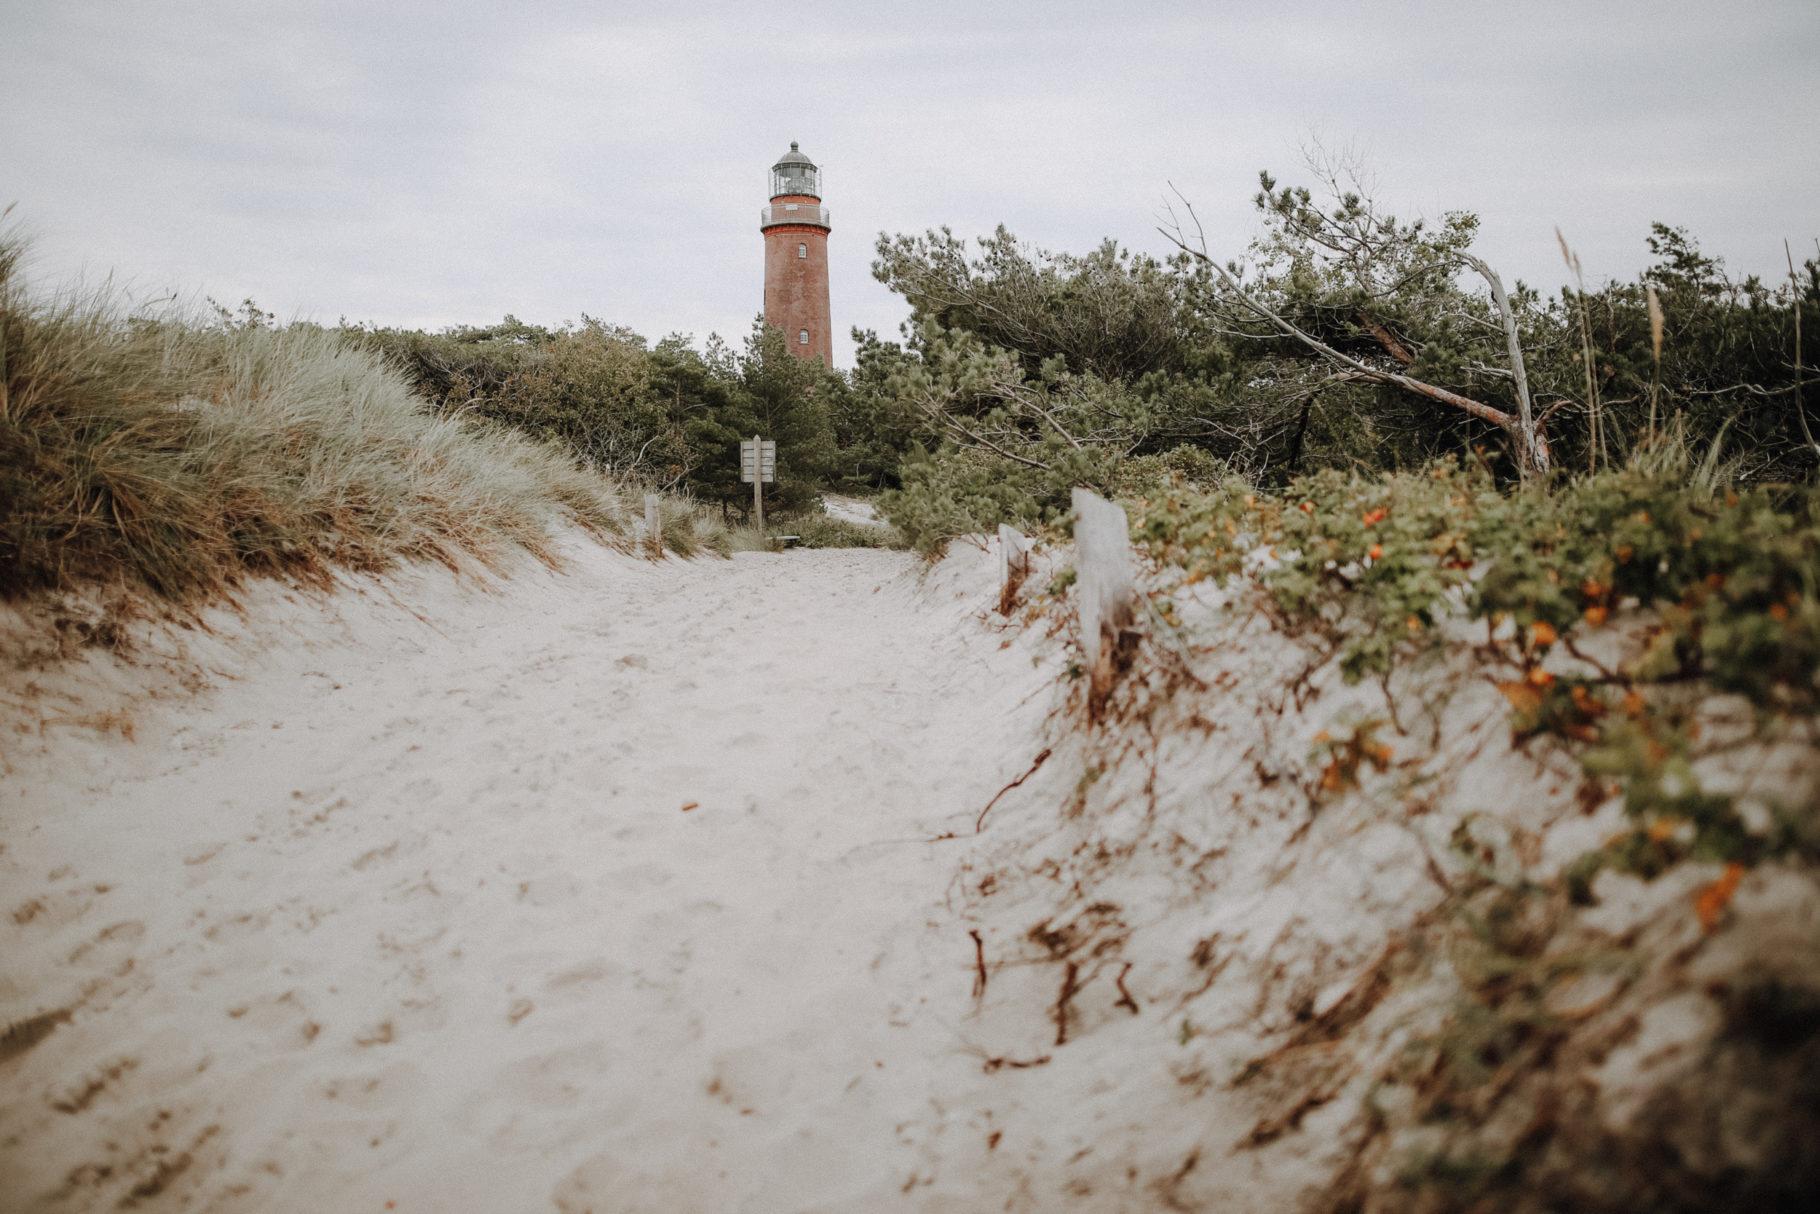 Herbstwandern auf dem Darß: Auf dem Leuchtturmweg zu den Hirschen